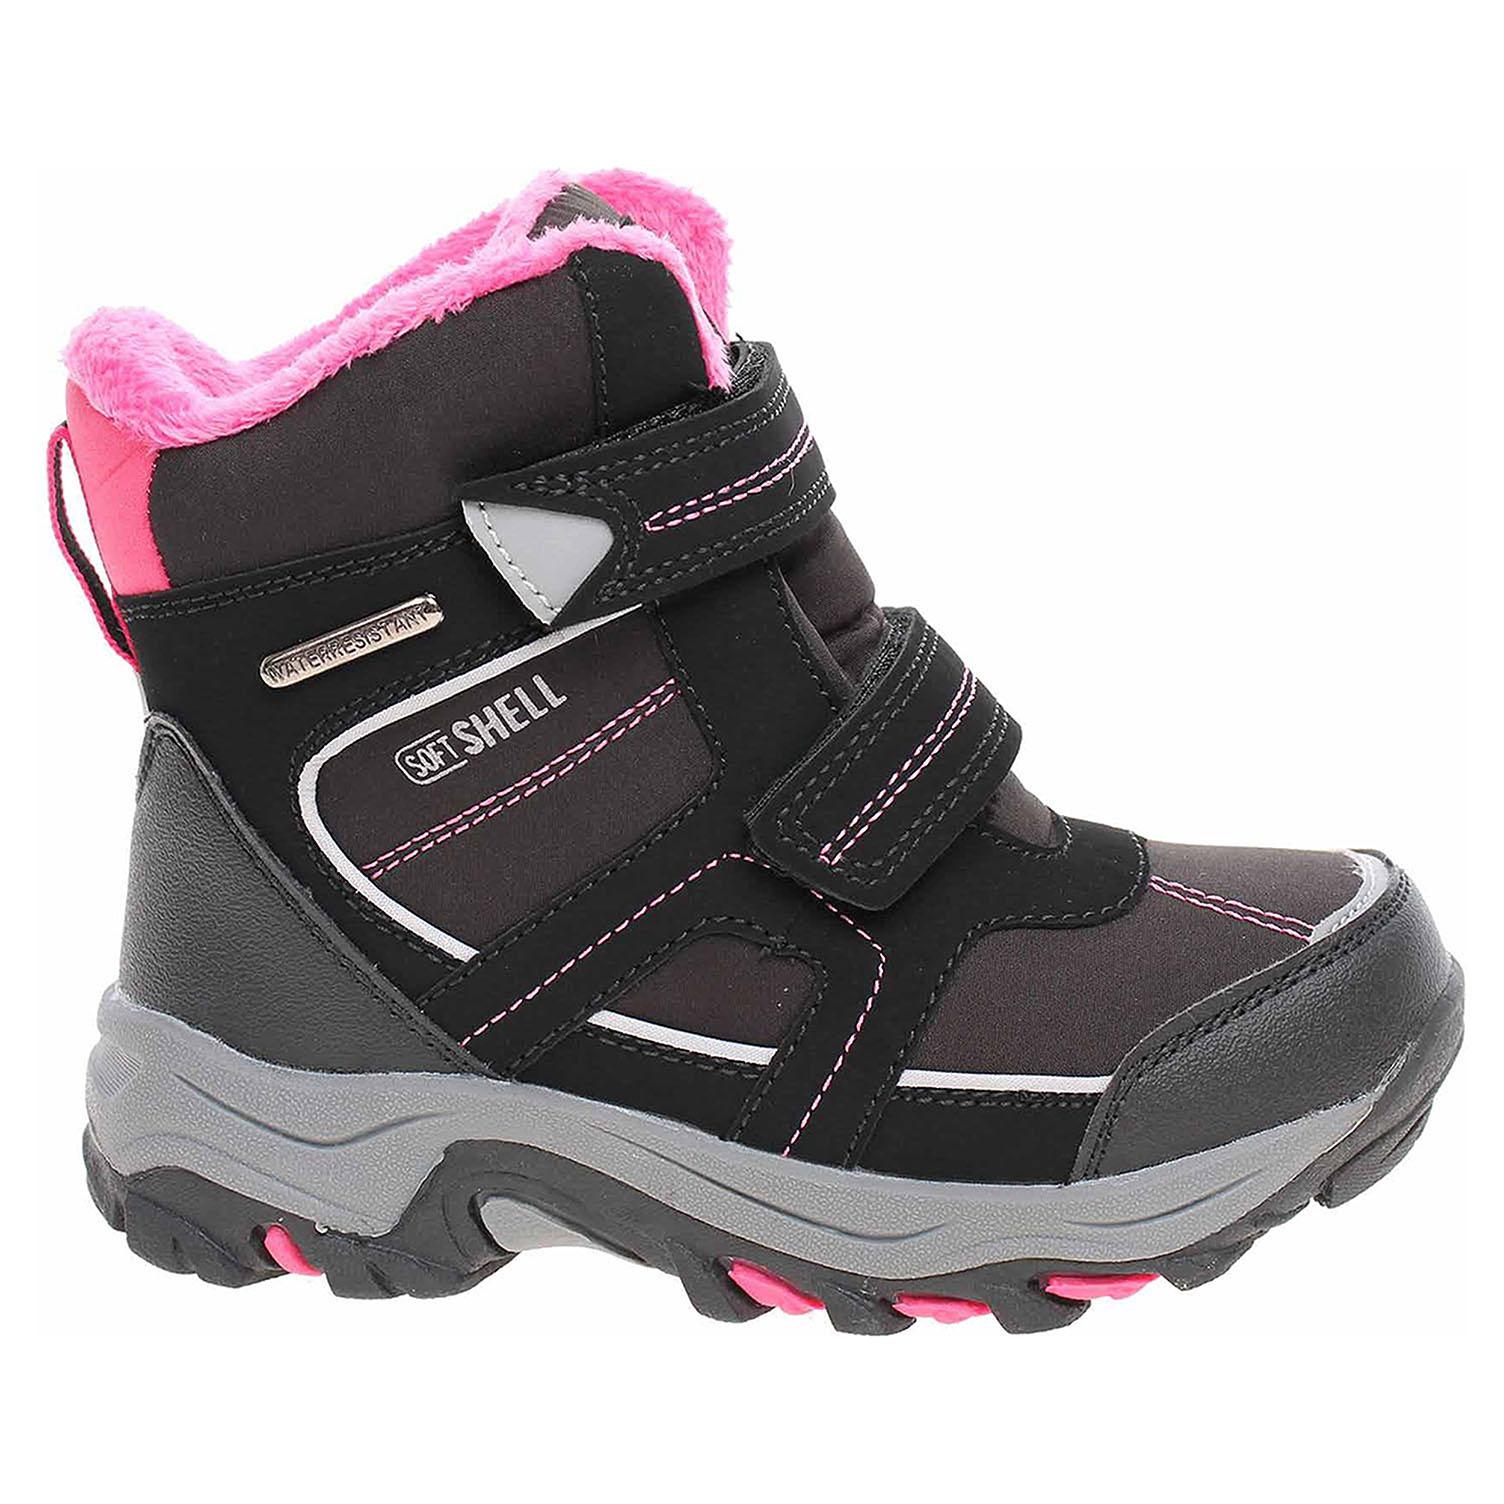 Ecco Peddy dívčí sněhule P1-631-29-01 black-pink 26700061 220ae5dfa58